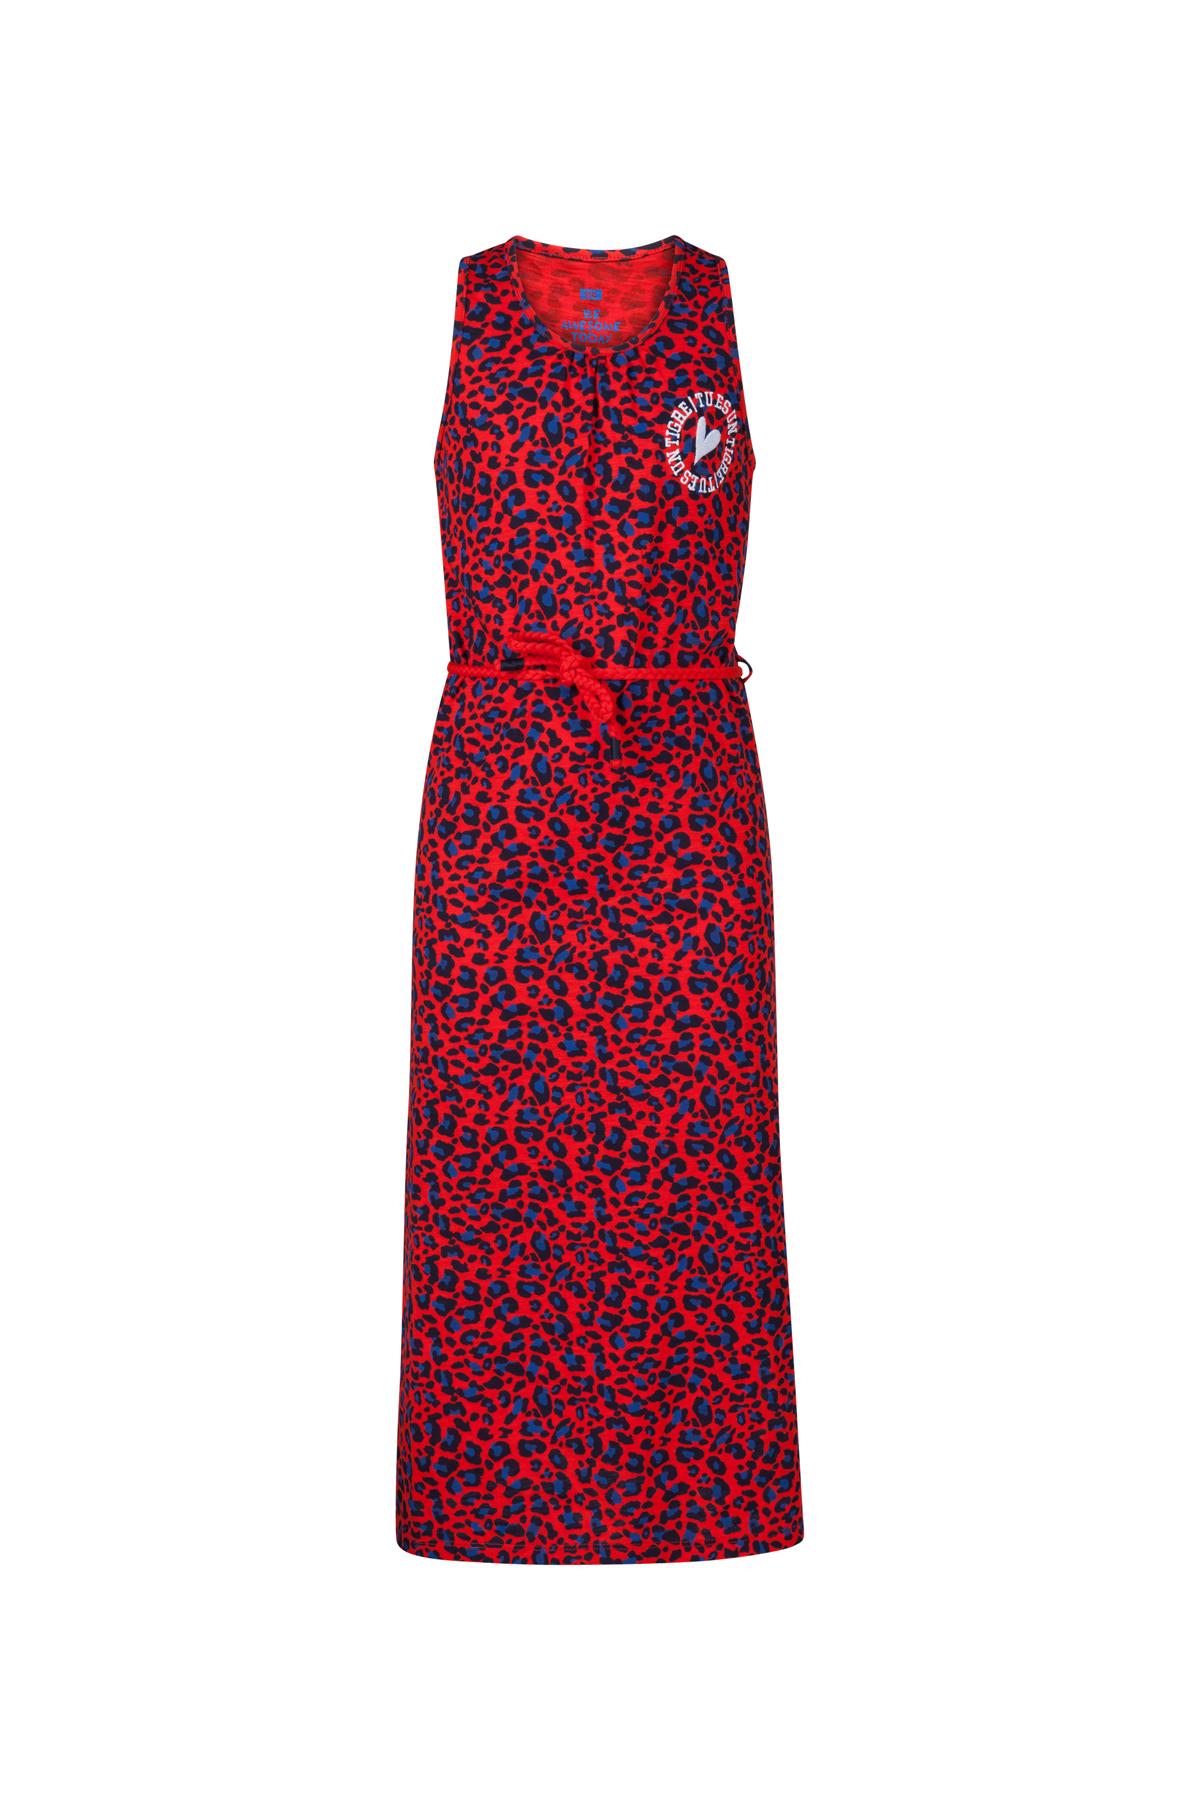 Goede Meisjes luipaarddessin maxi jurk | 94365948 - WE Fashion GG-12